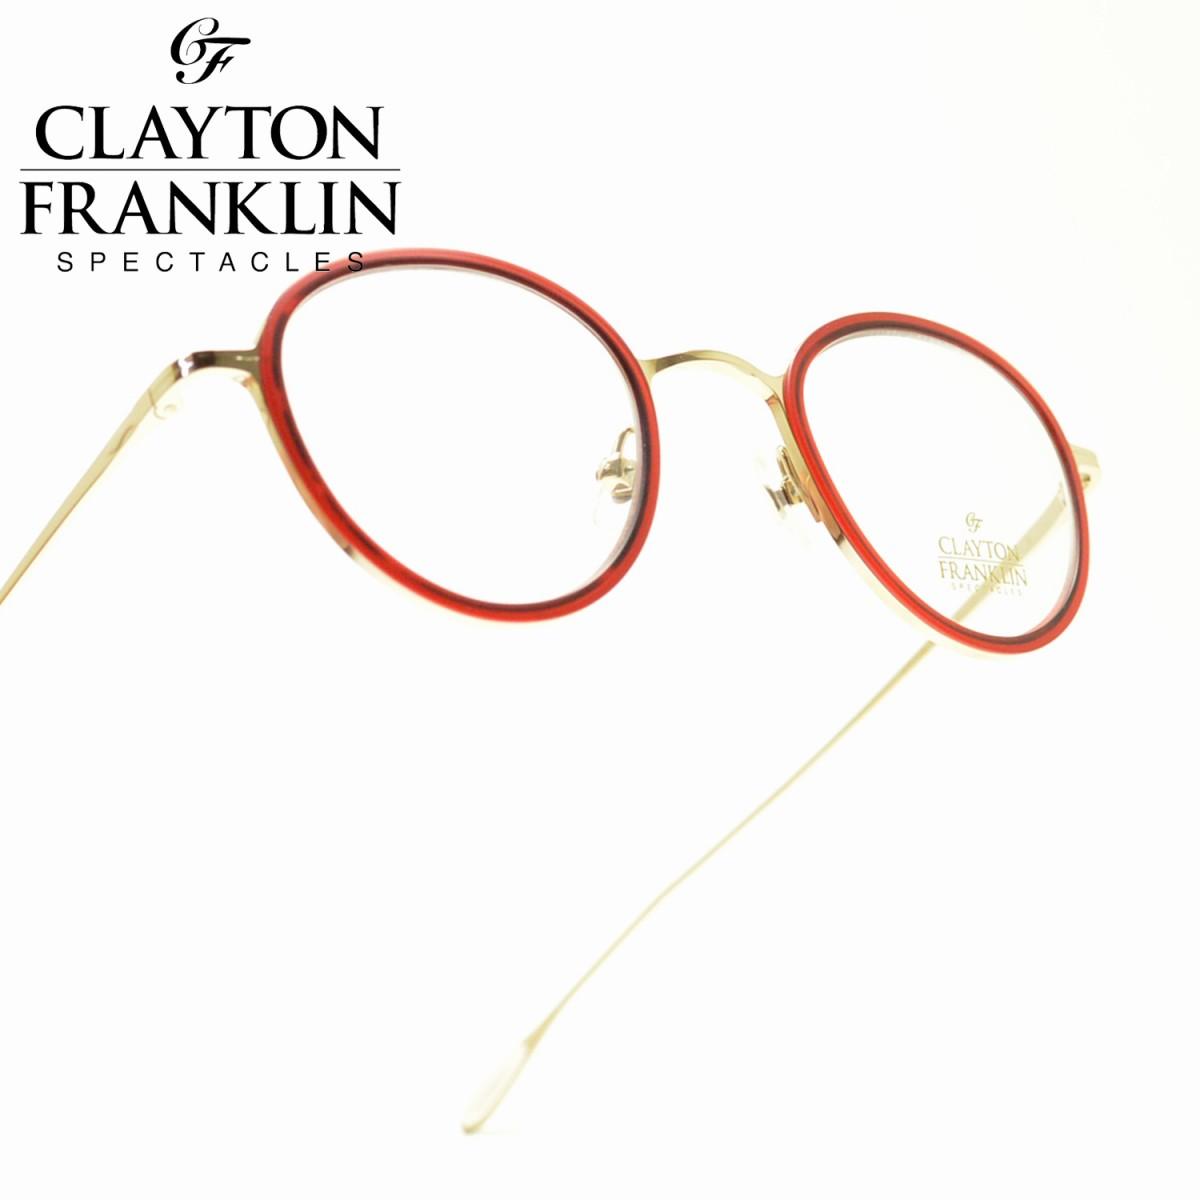 CLAYTON FRANKLIN クレイトンフランクリン627P GP/RDS ゴールド/レッドメガネ 眼鏡 めがね メンズ レディース おしゃれ ブランド 人気 おすすめ フレーム 流行り 度付き レンズ